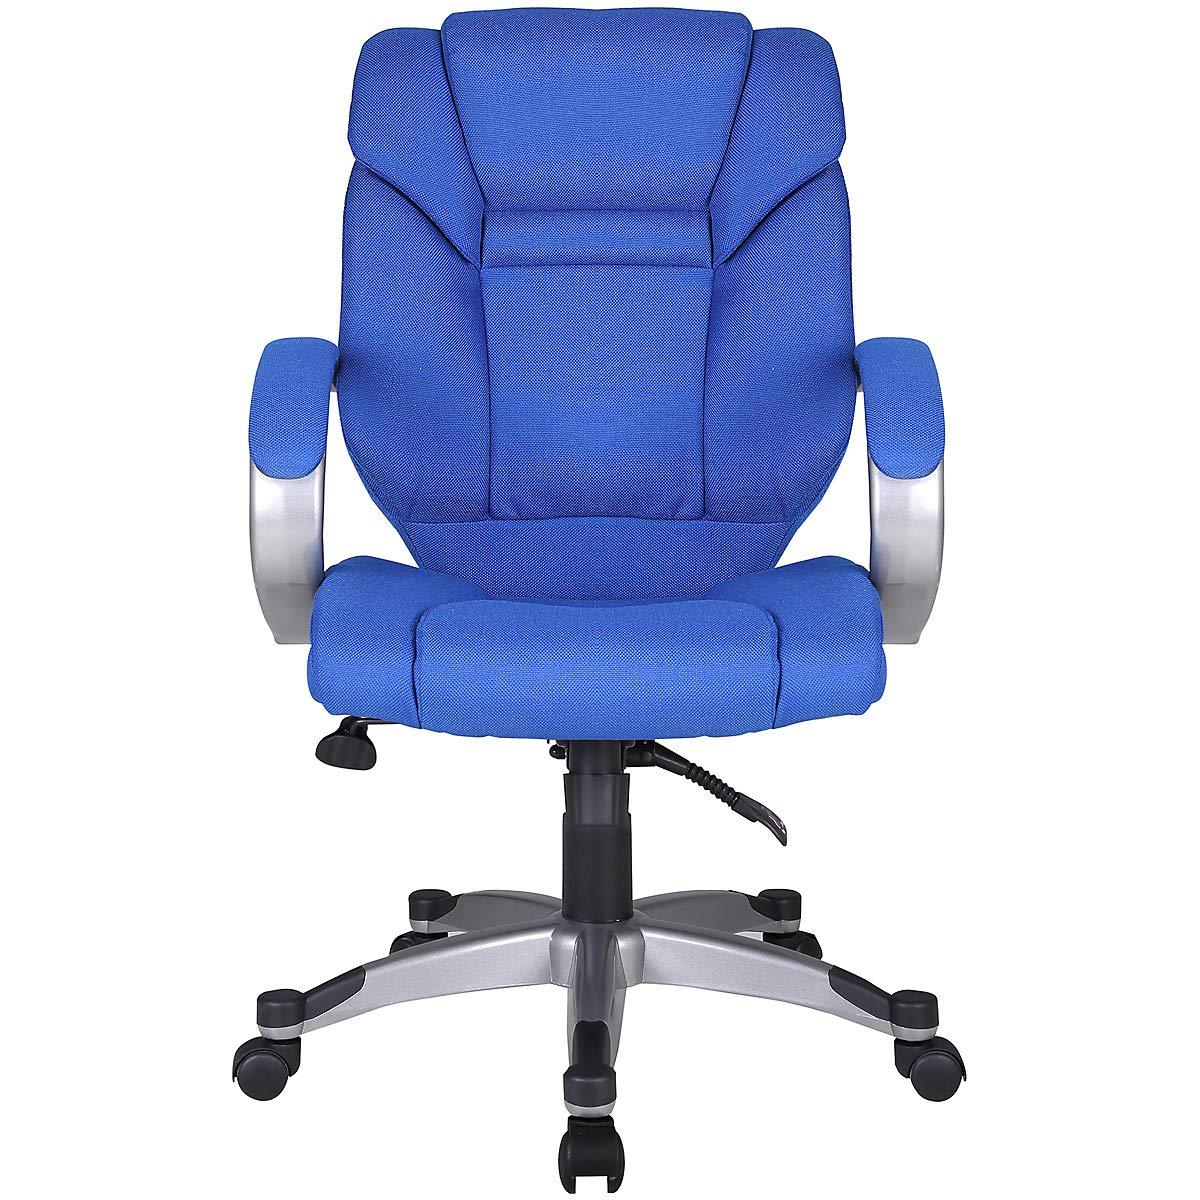 Bürodrehstuhl Fiji, blau blau blau - Stoffsessel mit gepolsterten Armlehnen - Eleganter Schreibtischstuhl - Computerstuhl mit Wasselfallsitz fccbea